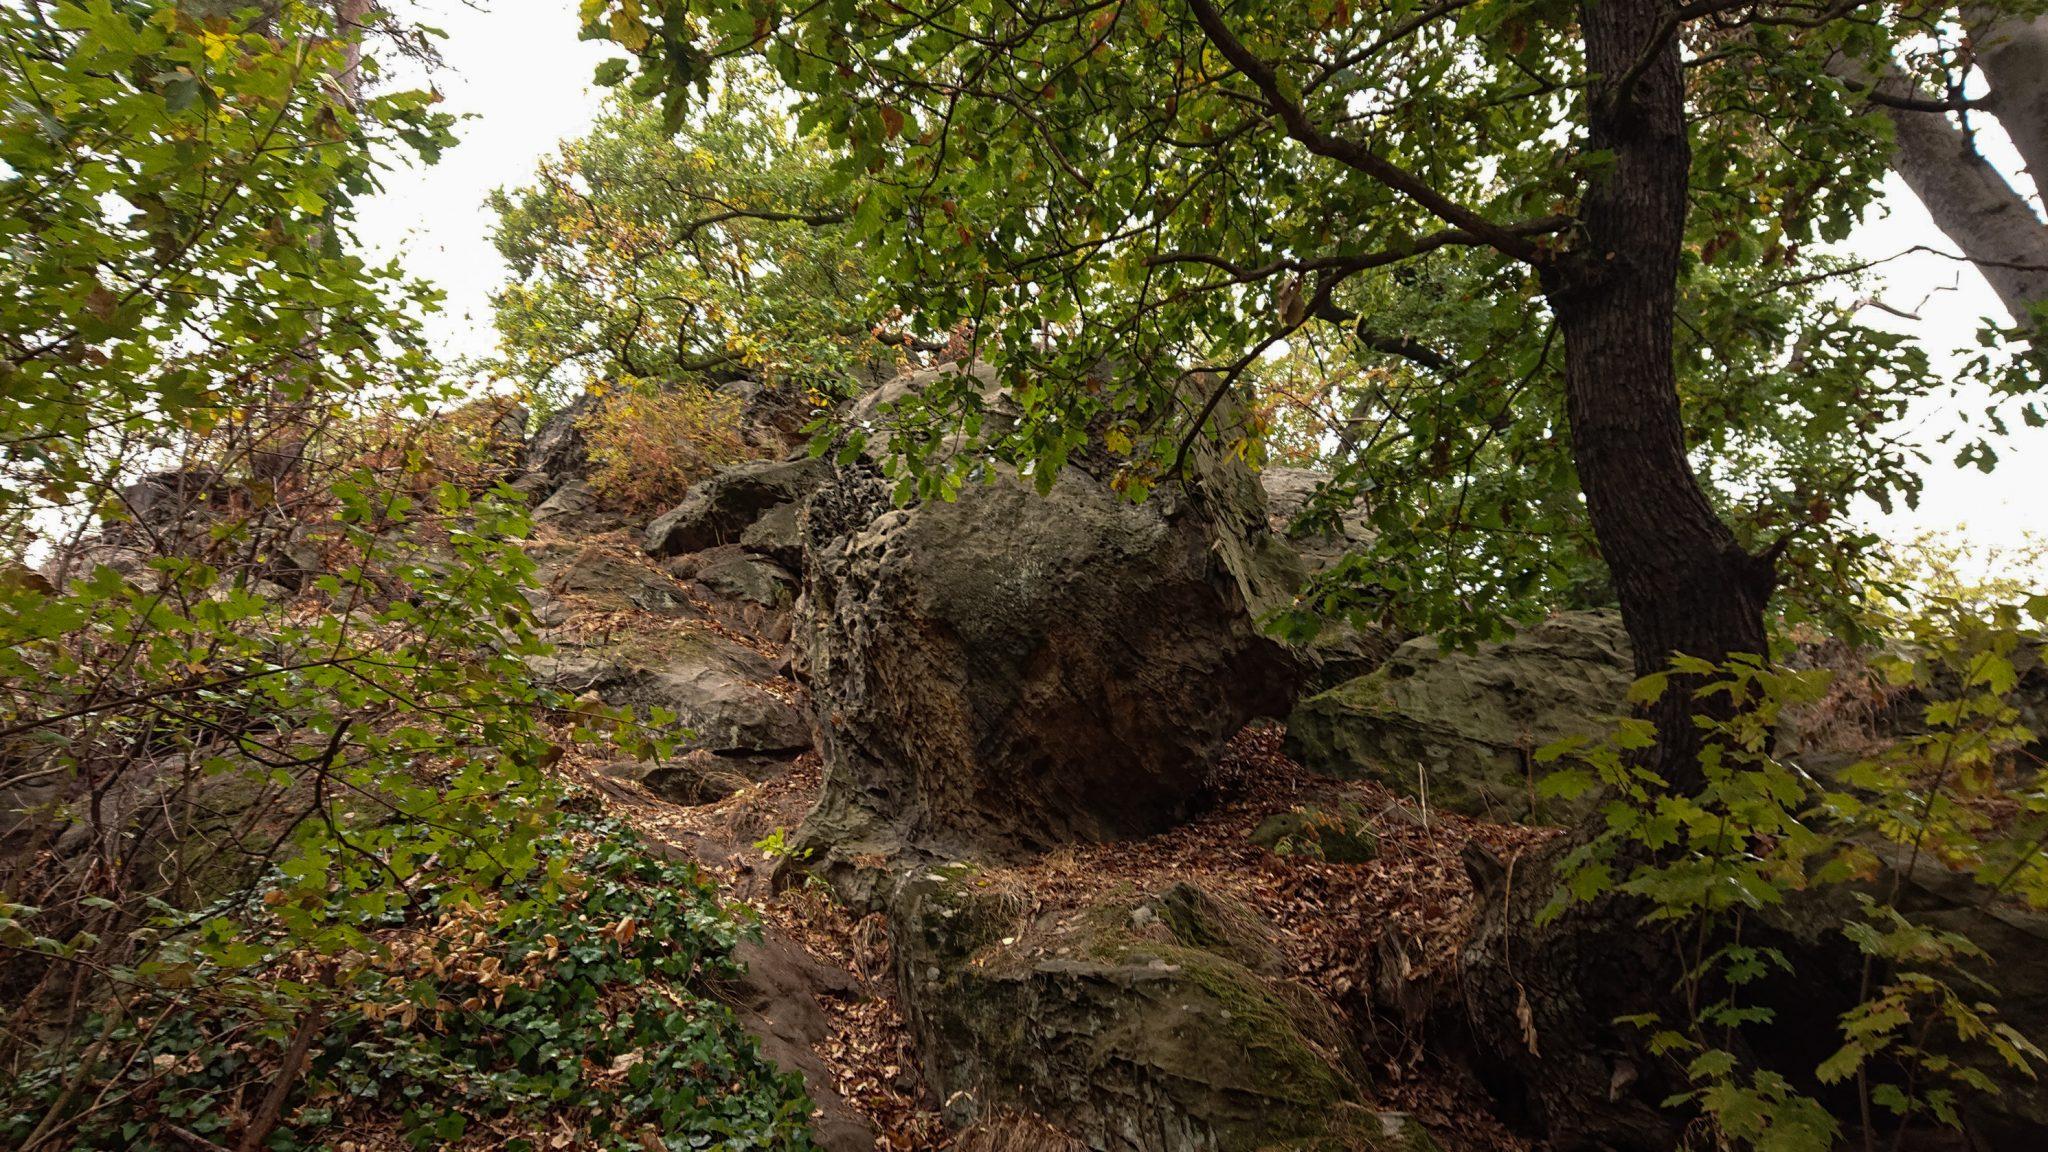 Rundwanderung auf der Blankenburger Teufelsmauer, Felsformationen, angrenzender Wald, Laub in Herbstfarben, große Steine, abwechslungsreicher schmaler Pfad über Stock und Stein